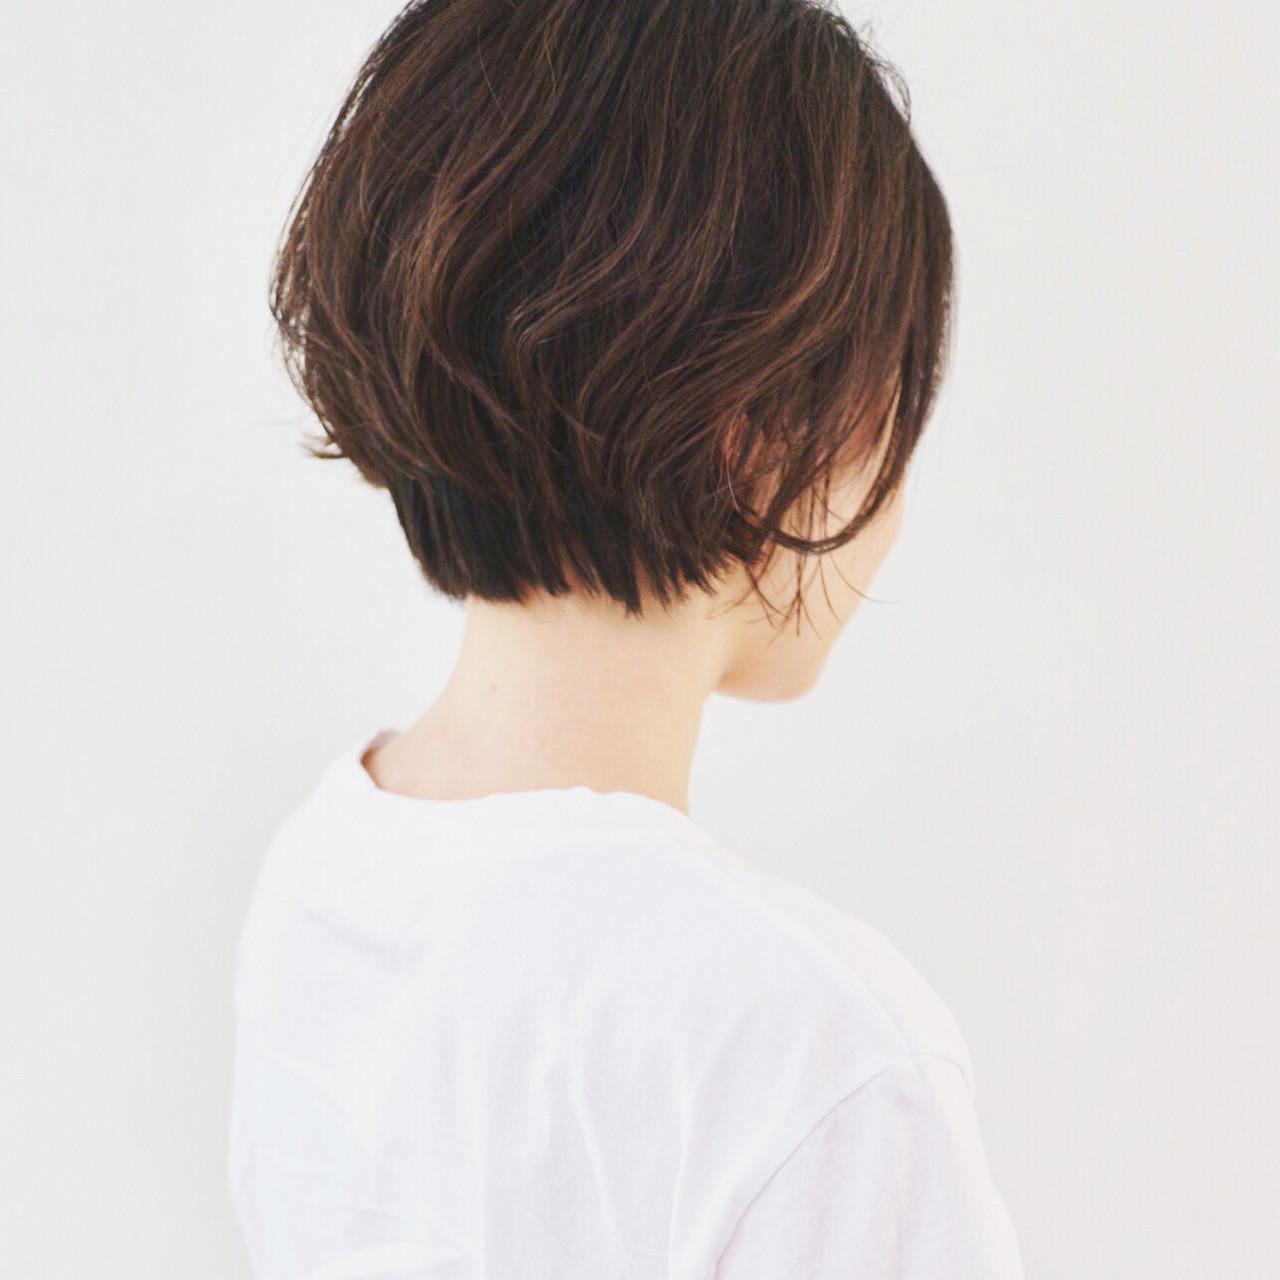 ショートボブ ベージュ ナチュラル オレンジベージュ ヘアスタイルや髪型の写真・画像 | 三好 佳奈美 / Baco.(バコ)